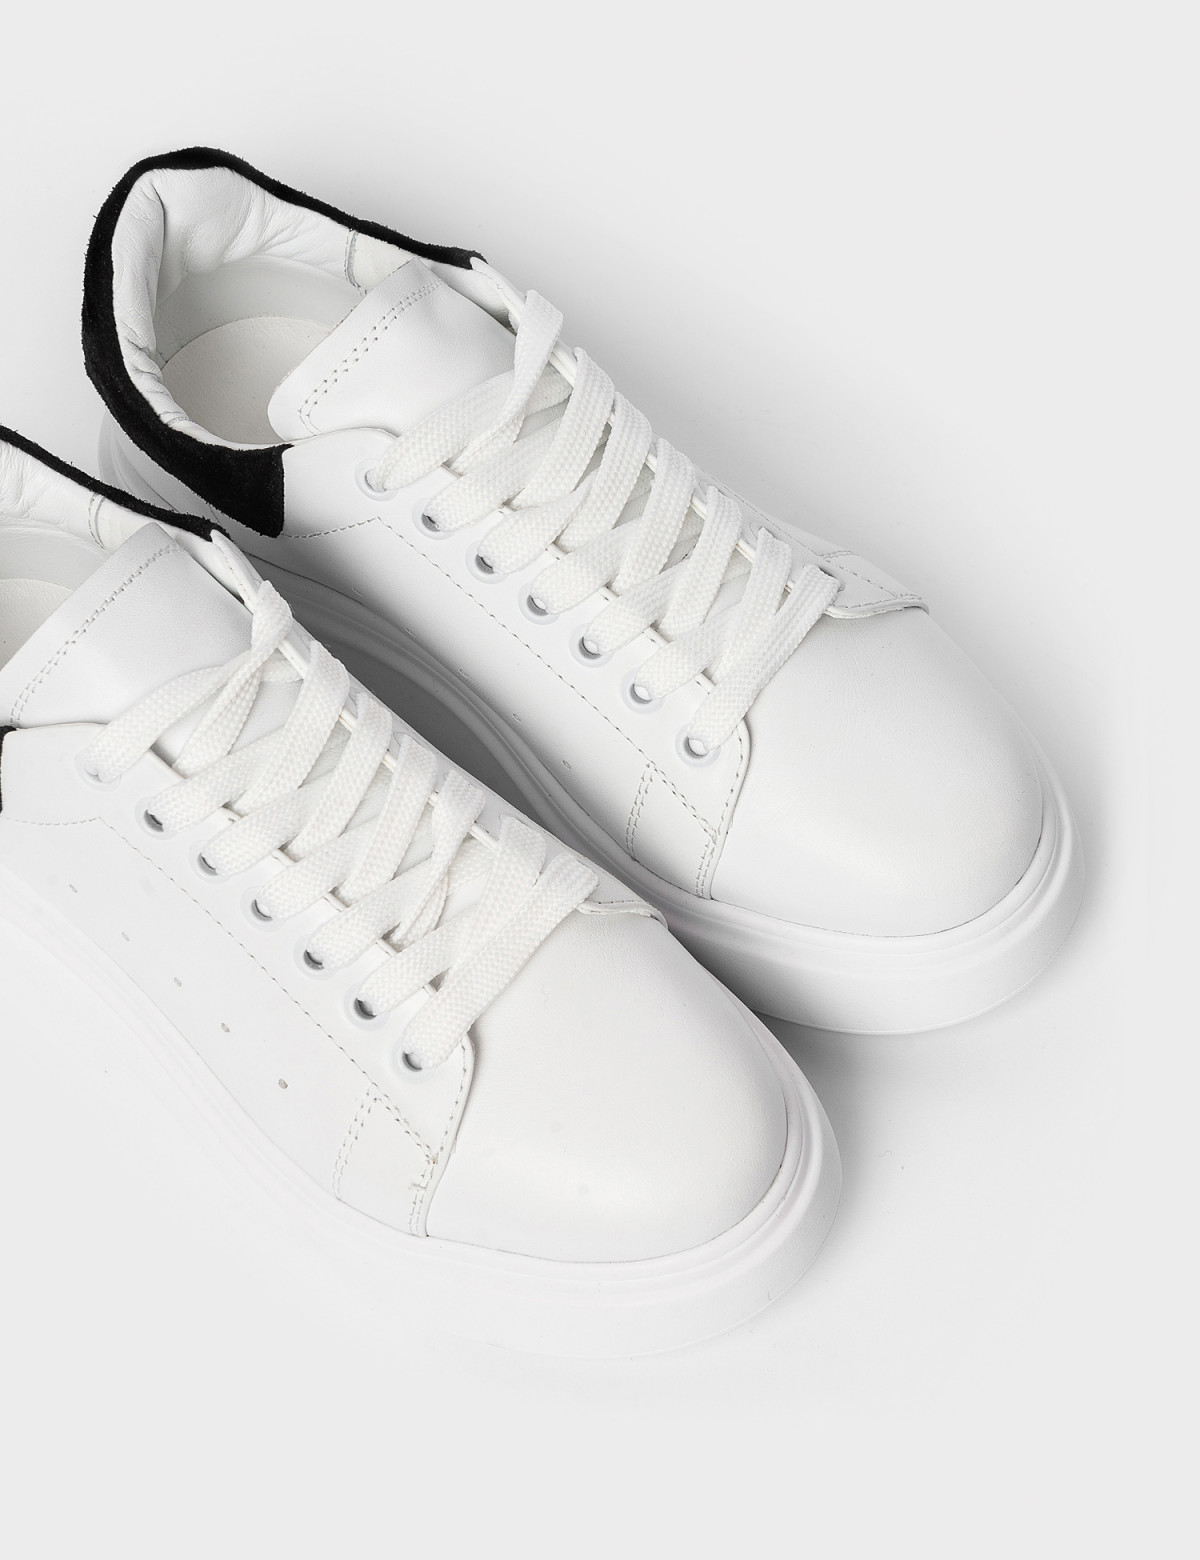 Кросівки білі/чорні. Натуральна шкіра3